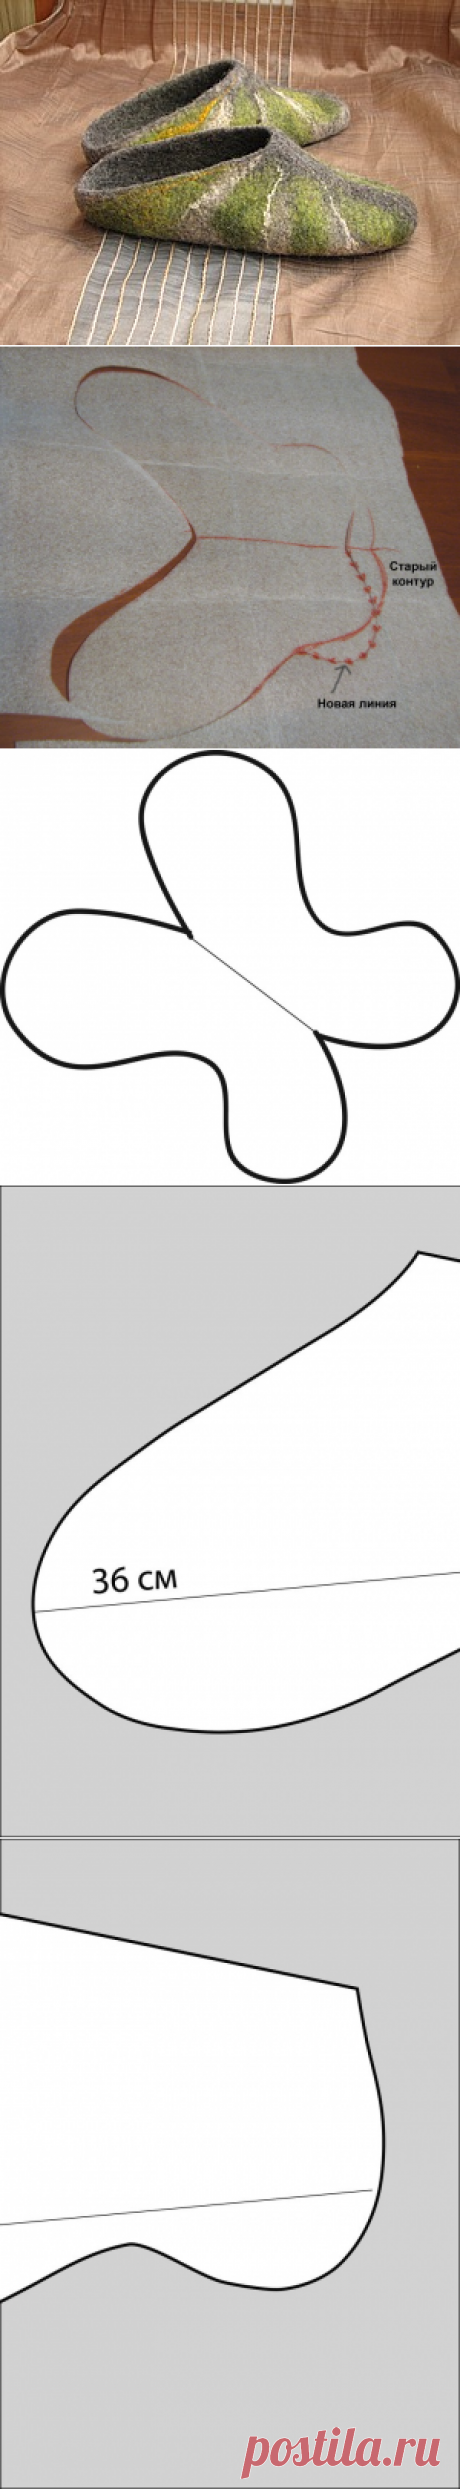 Управление шаблоном-бабочкой. Мой опыт валяния - Ярмарка Мастеров - ручная работа, handmade